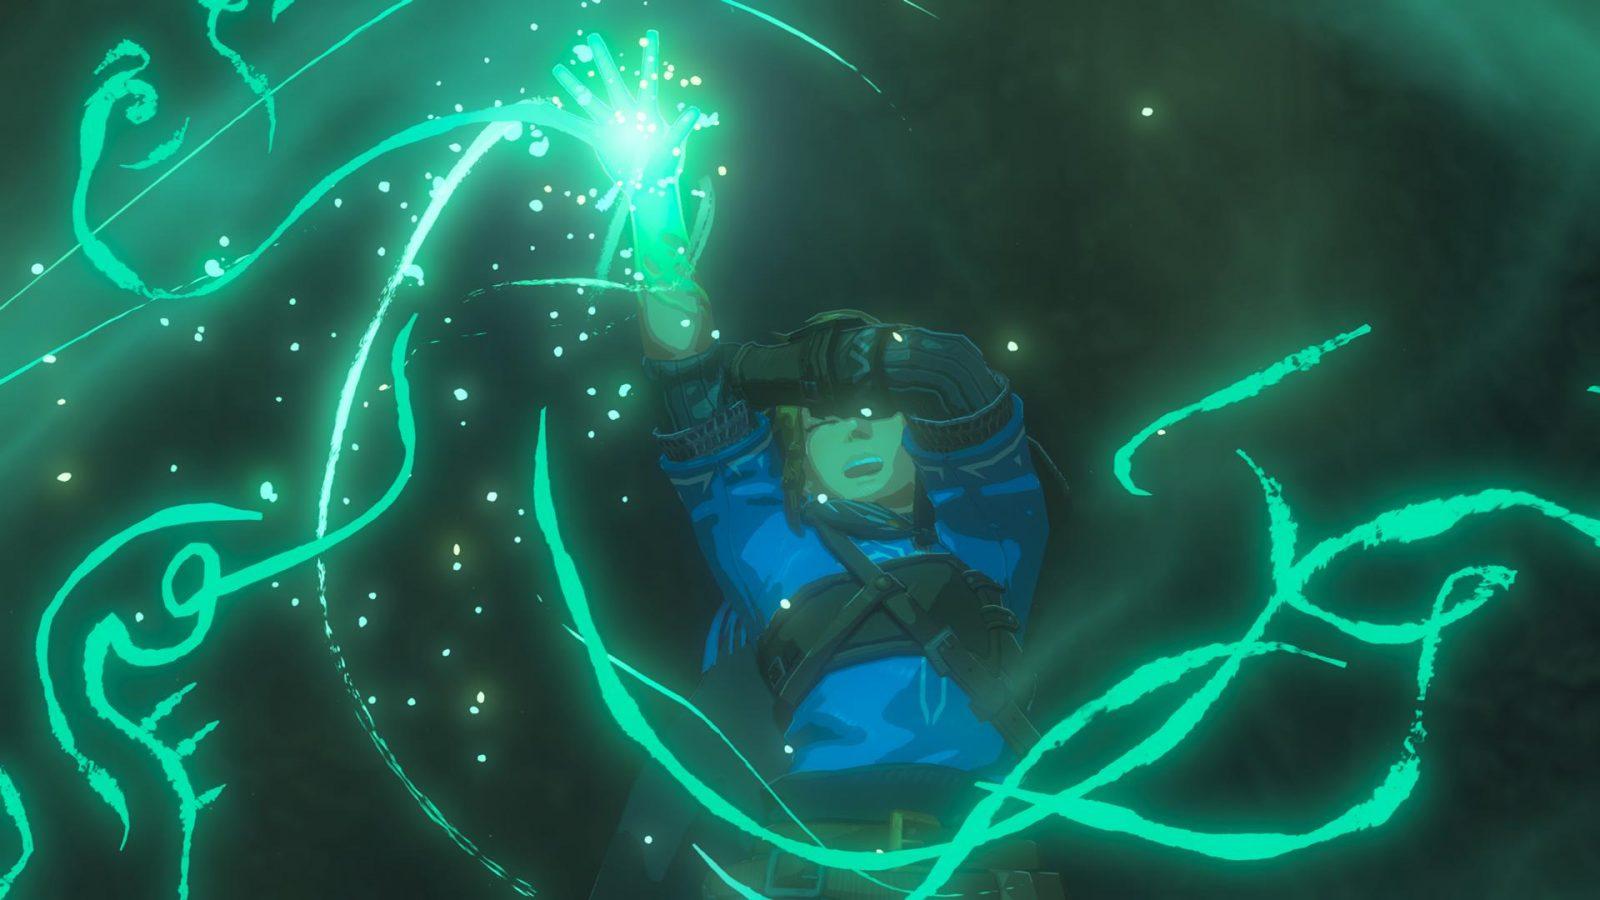 The Legend Of Zelda: Breath Of The Wild Sequel Screenshot